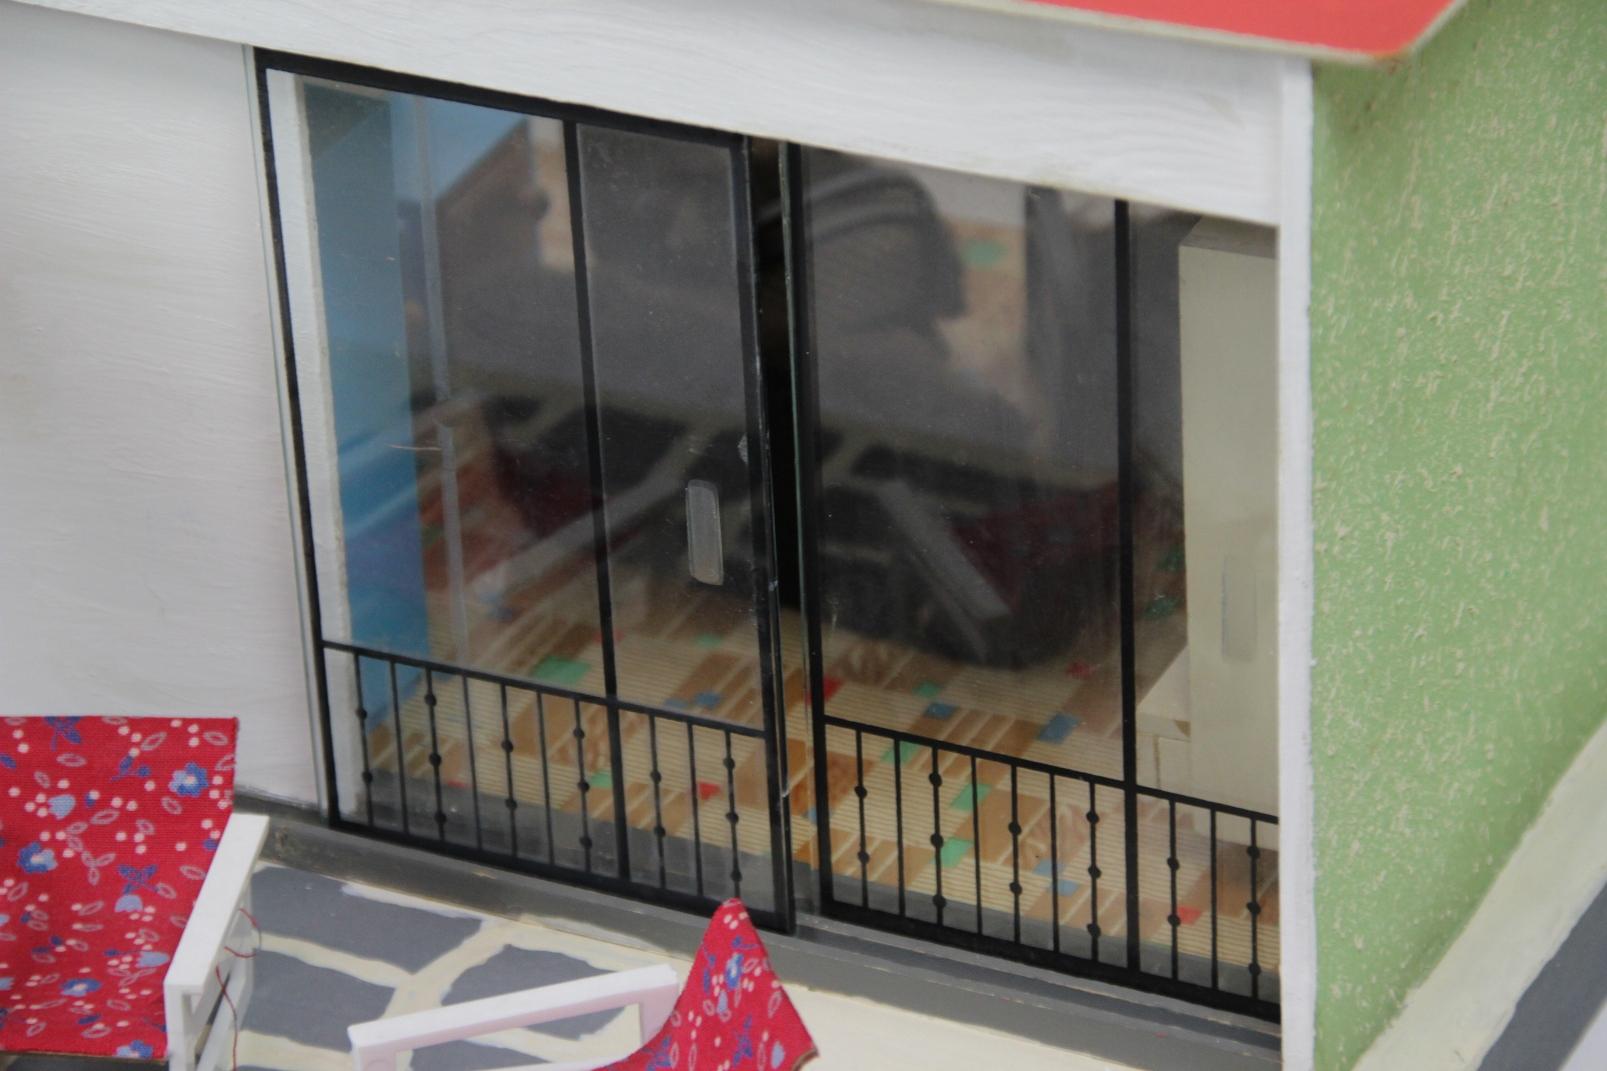 altes ddr puppenhaus bauhaus stil mit m bel zubeh r lichtfunktion puppenstube ebay. Black Bedroom Furniture Sets. Home Design Ideas